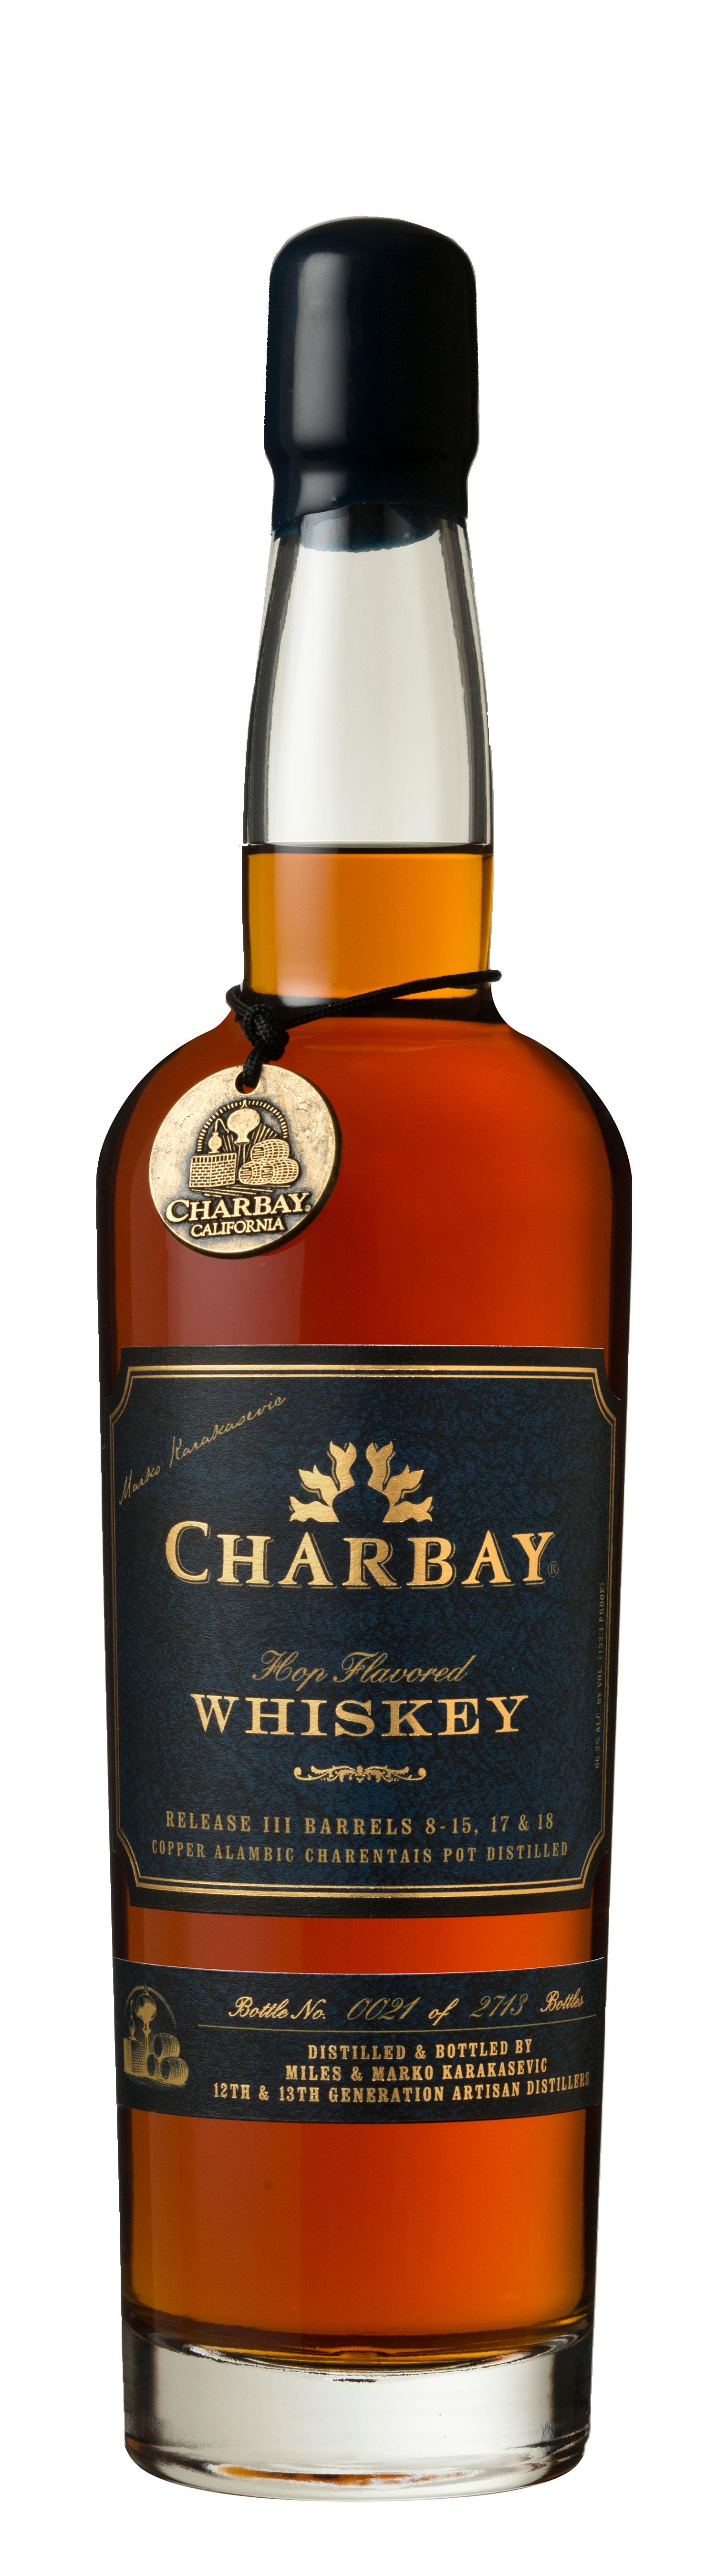 Whiskey Release III